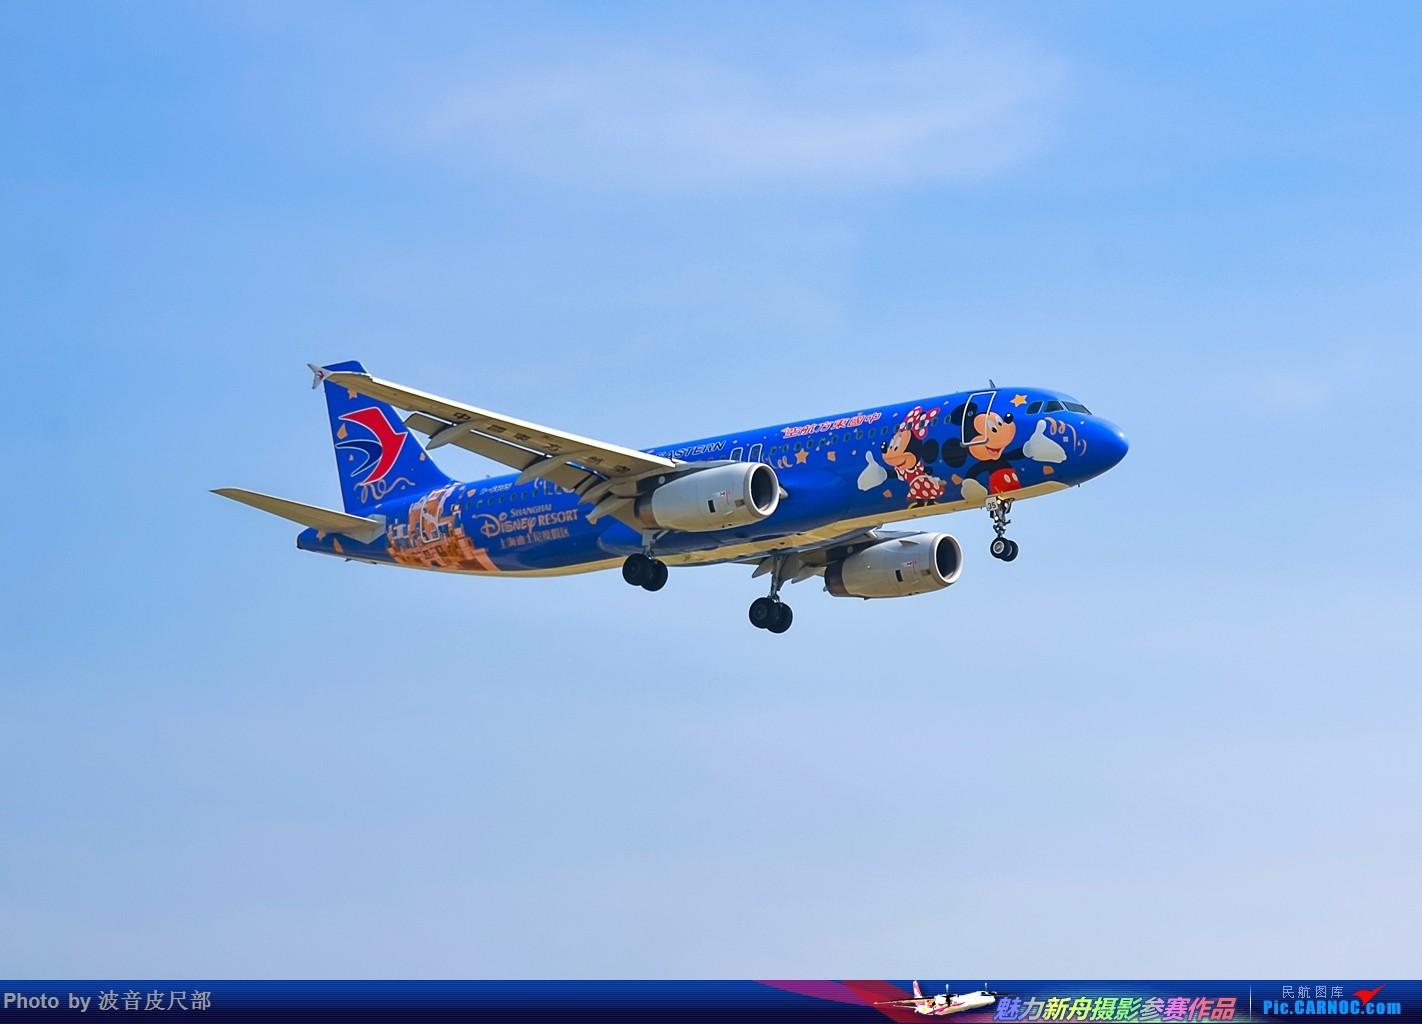 Re:[原创]郑州机场近期彩绘合集 AIRBUS A320-200 B-6635 中国郑州新郑国际机场